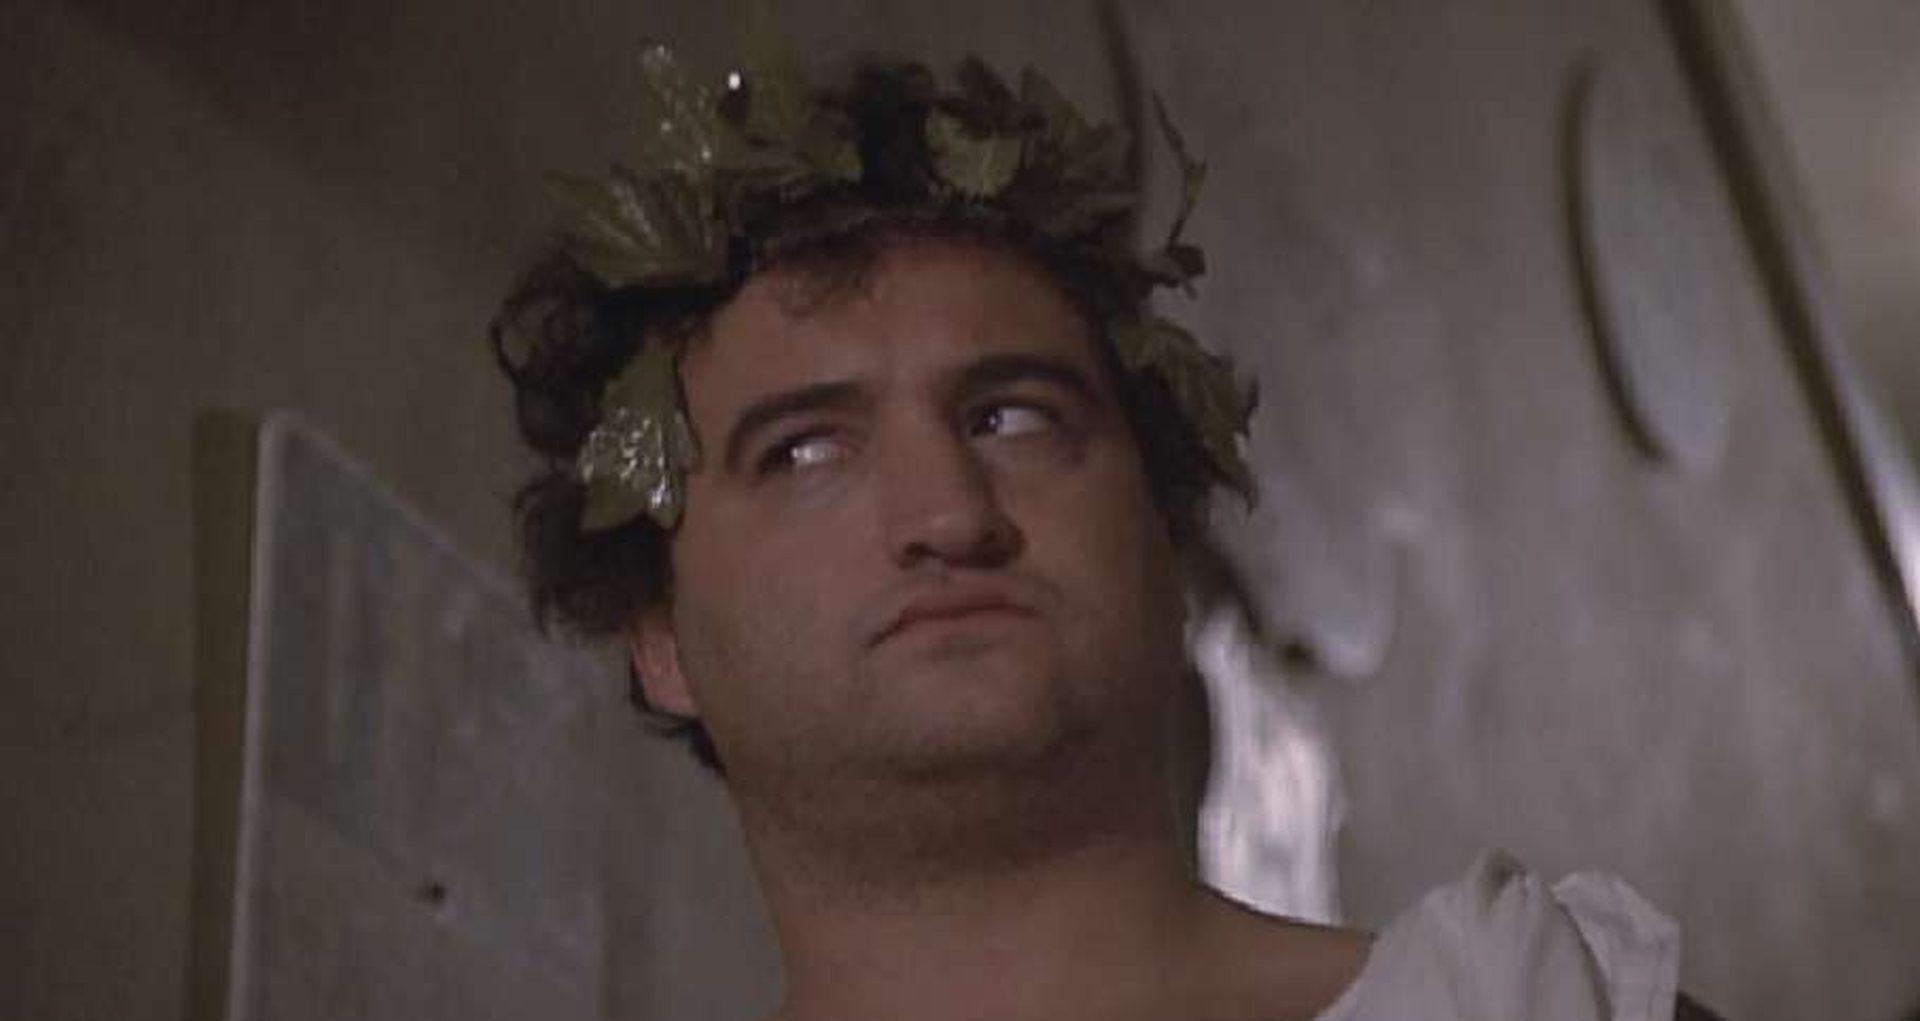 Szene aus 'Ich glaub', mich tritt ein Pferd(1978)'